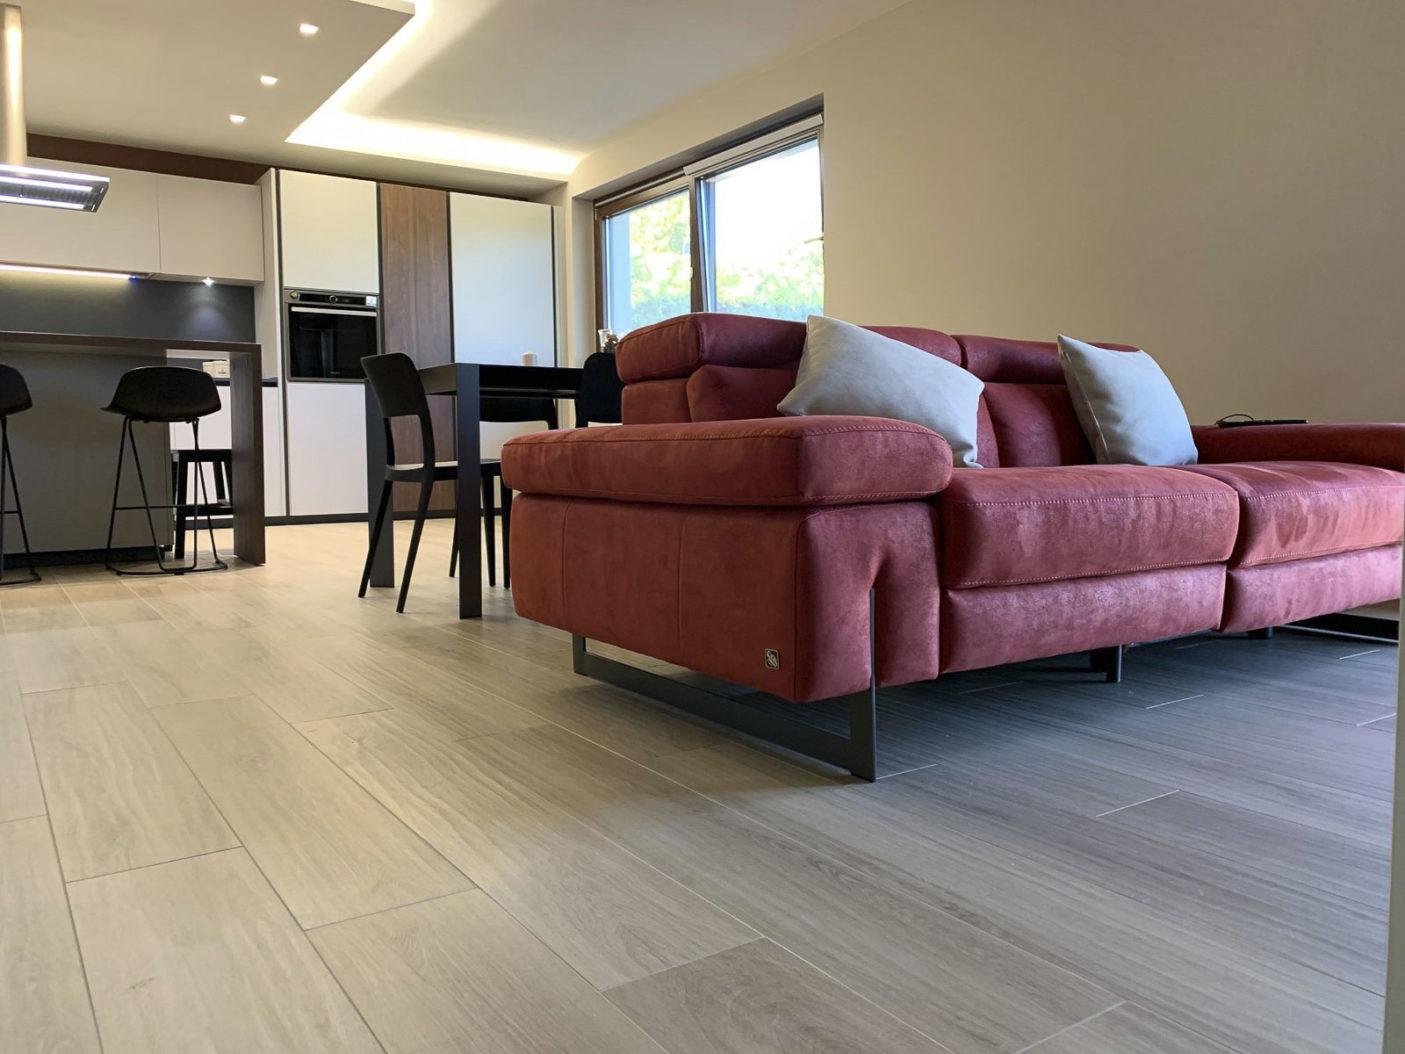 Cucina-Creo-e-Interior-Design-Zona-Living6.jpg